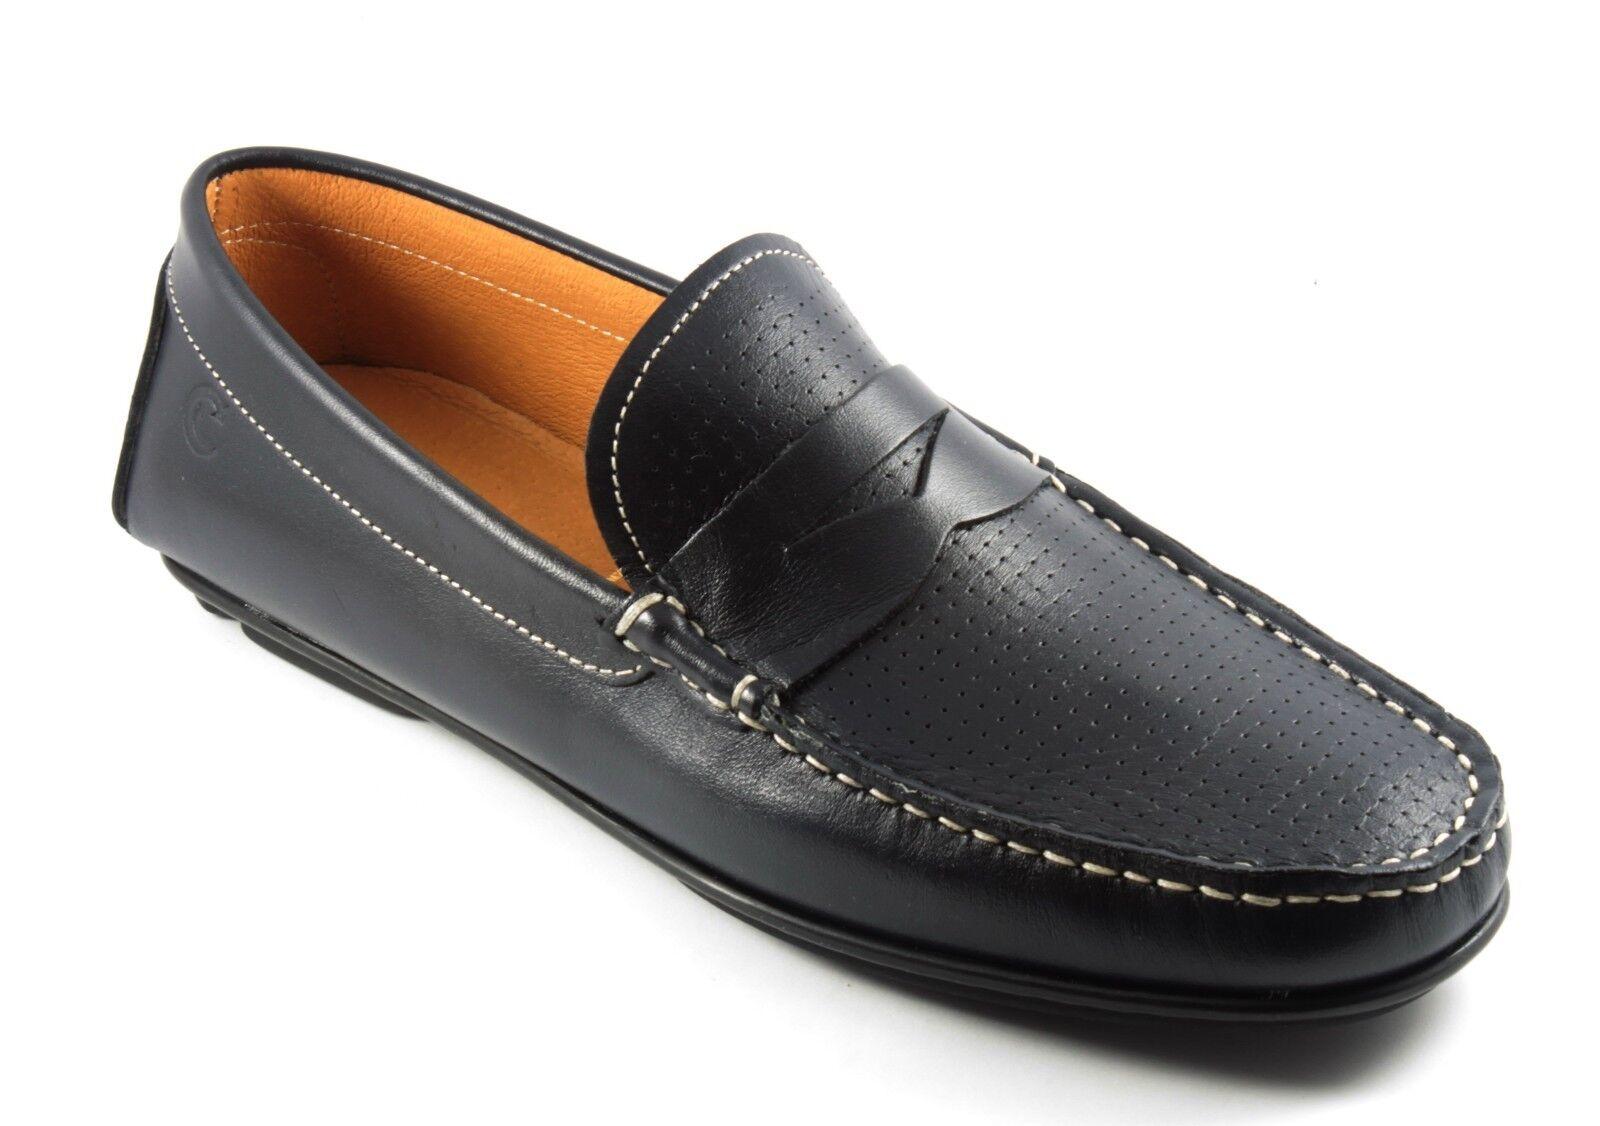 11831 VALLEgreen ARIA CONDIZIONATA shoes men MOCASSINI PELLE blue n. 40